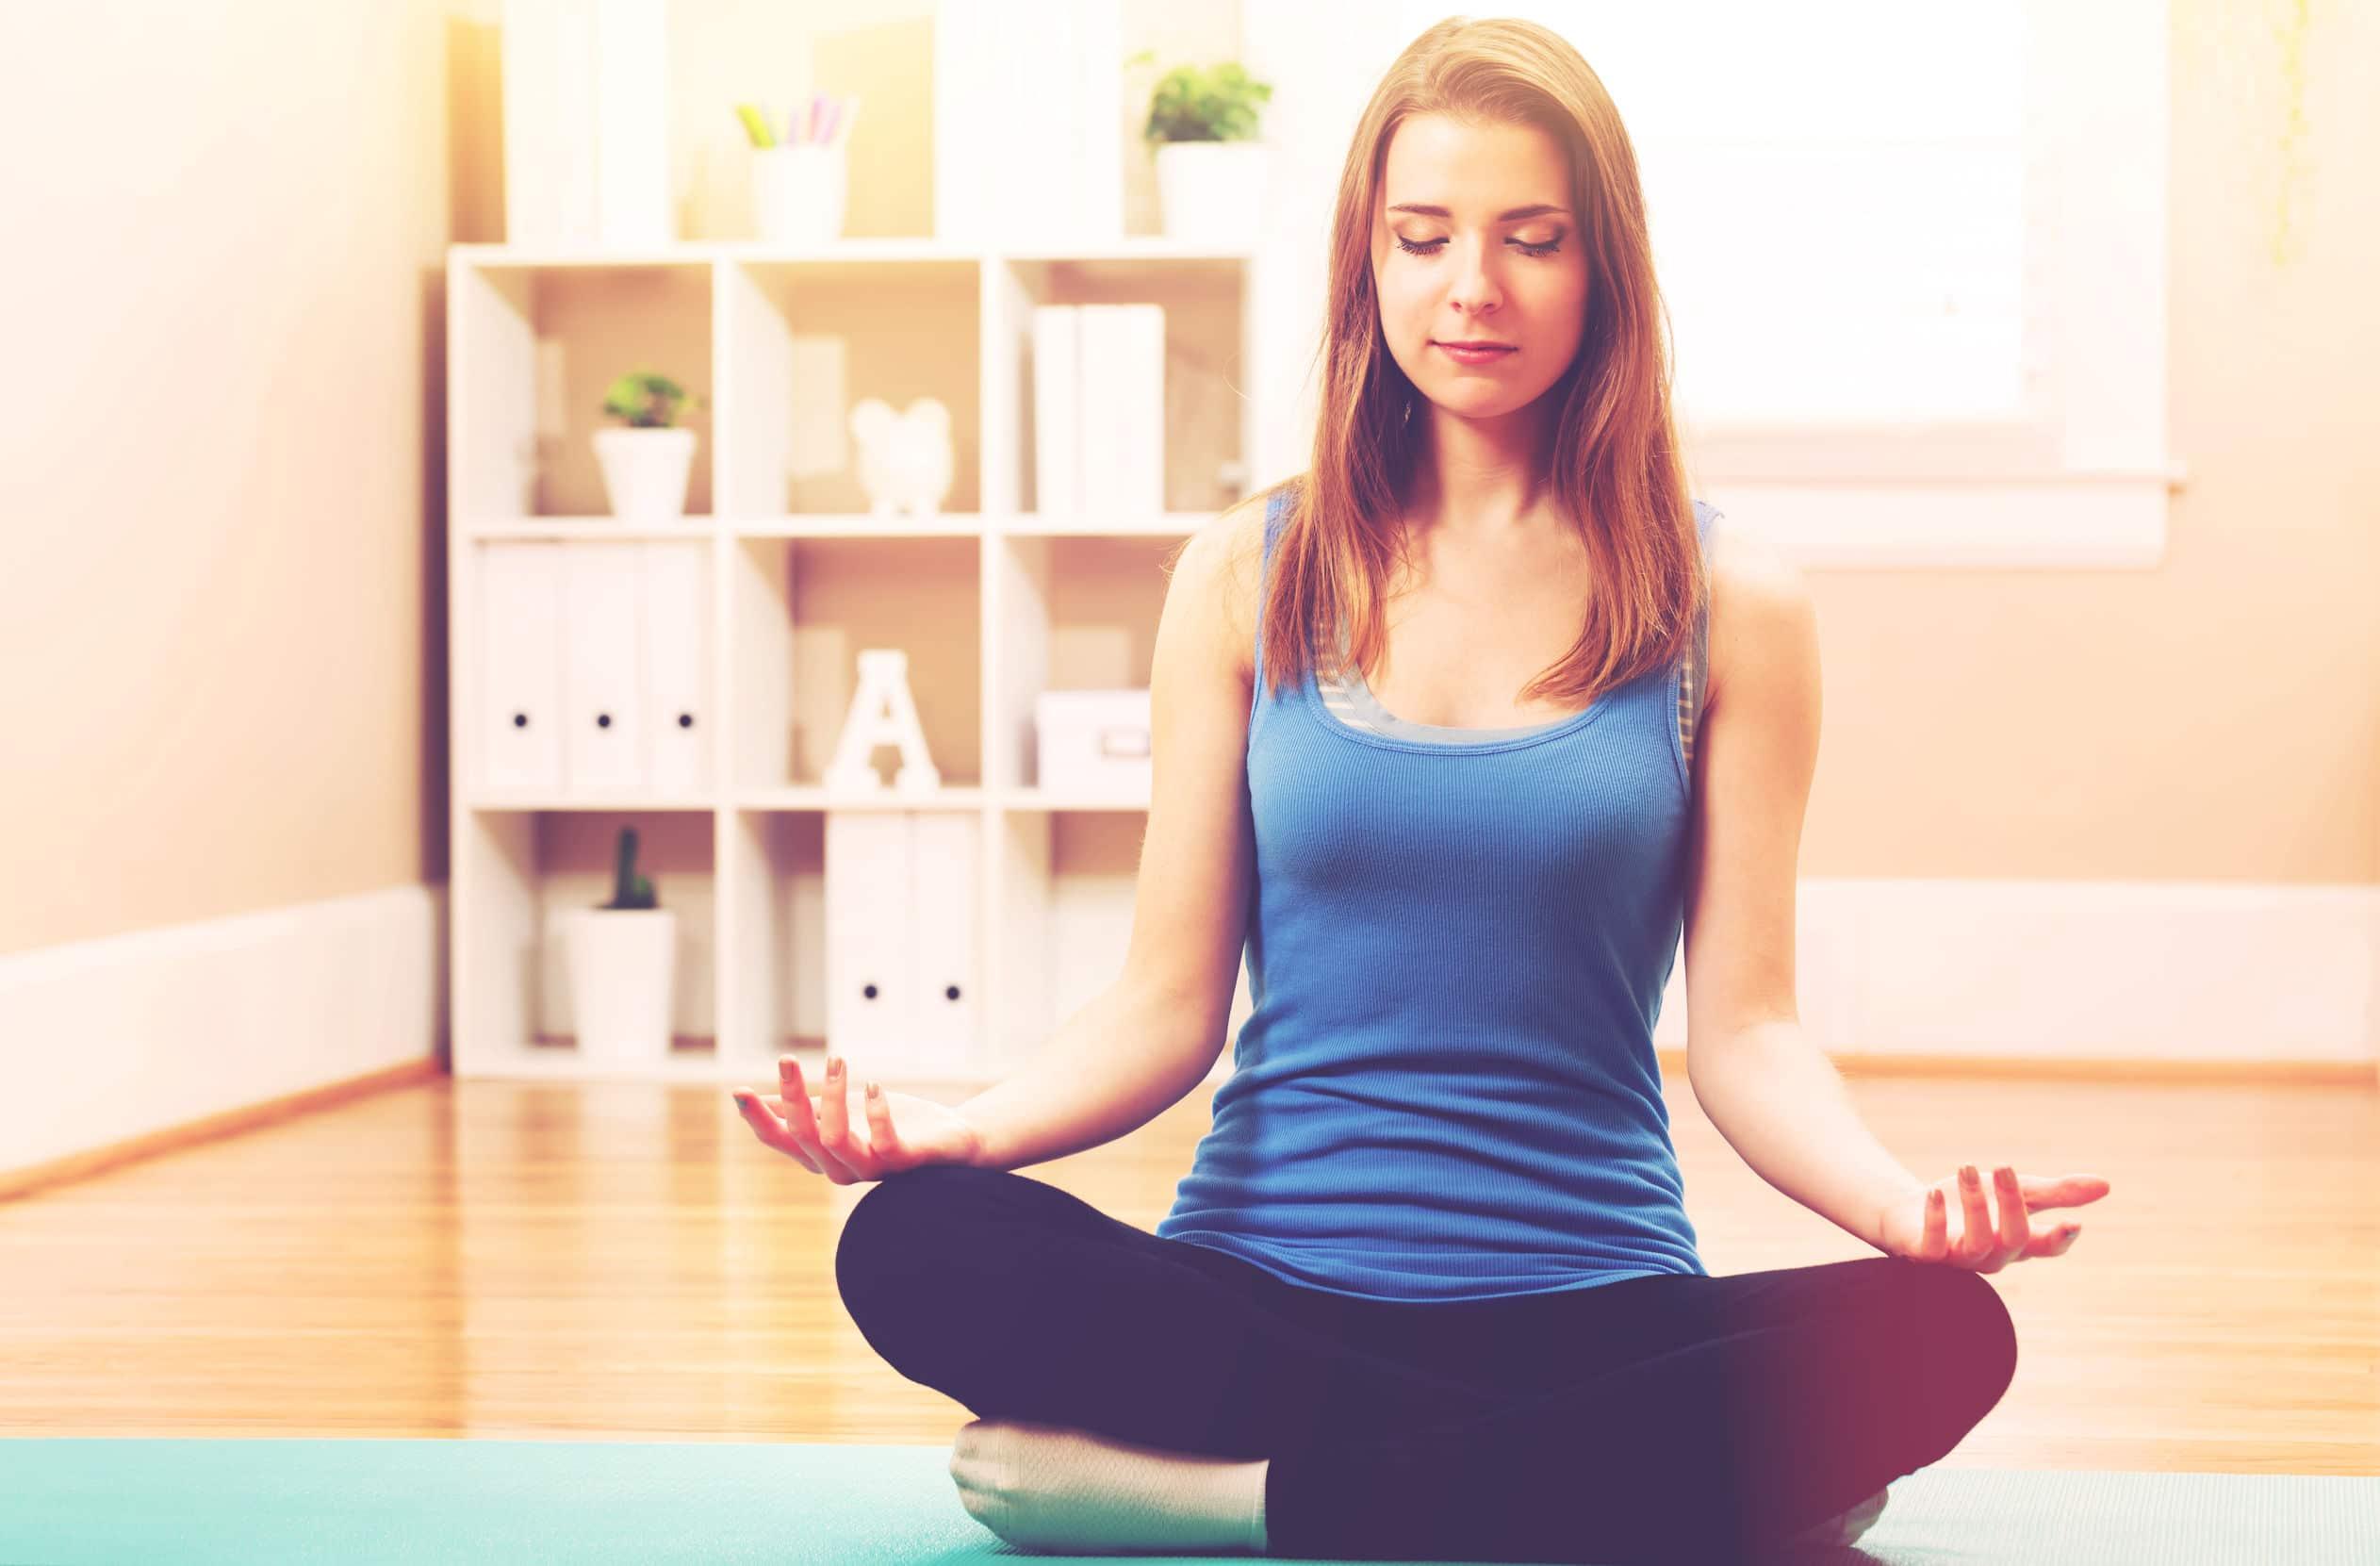 mulher jovem sentada em posição de meditação, com as pernas cruzadas, na sala de sua casa.